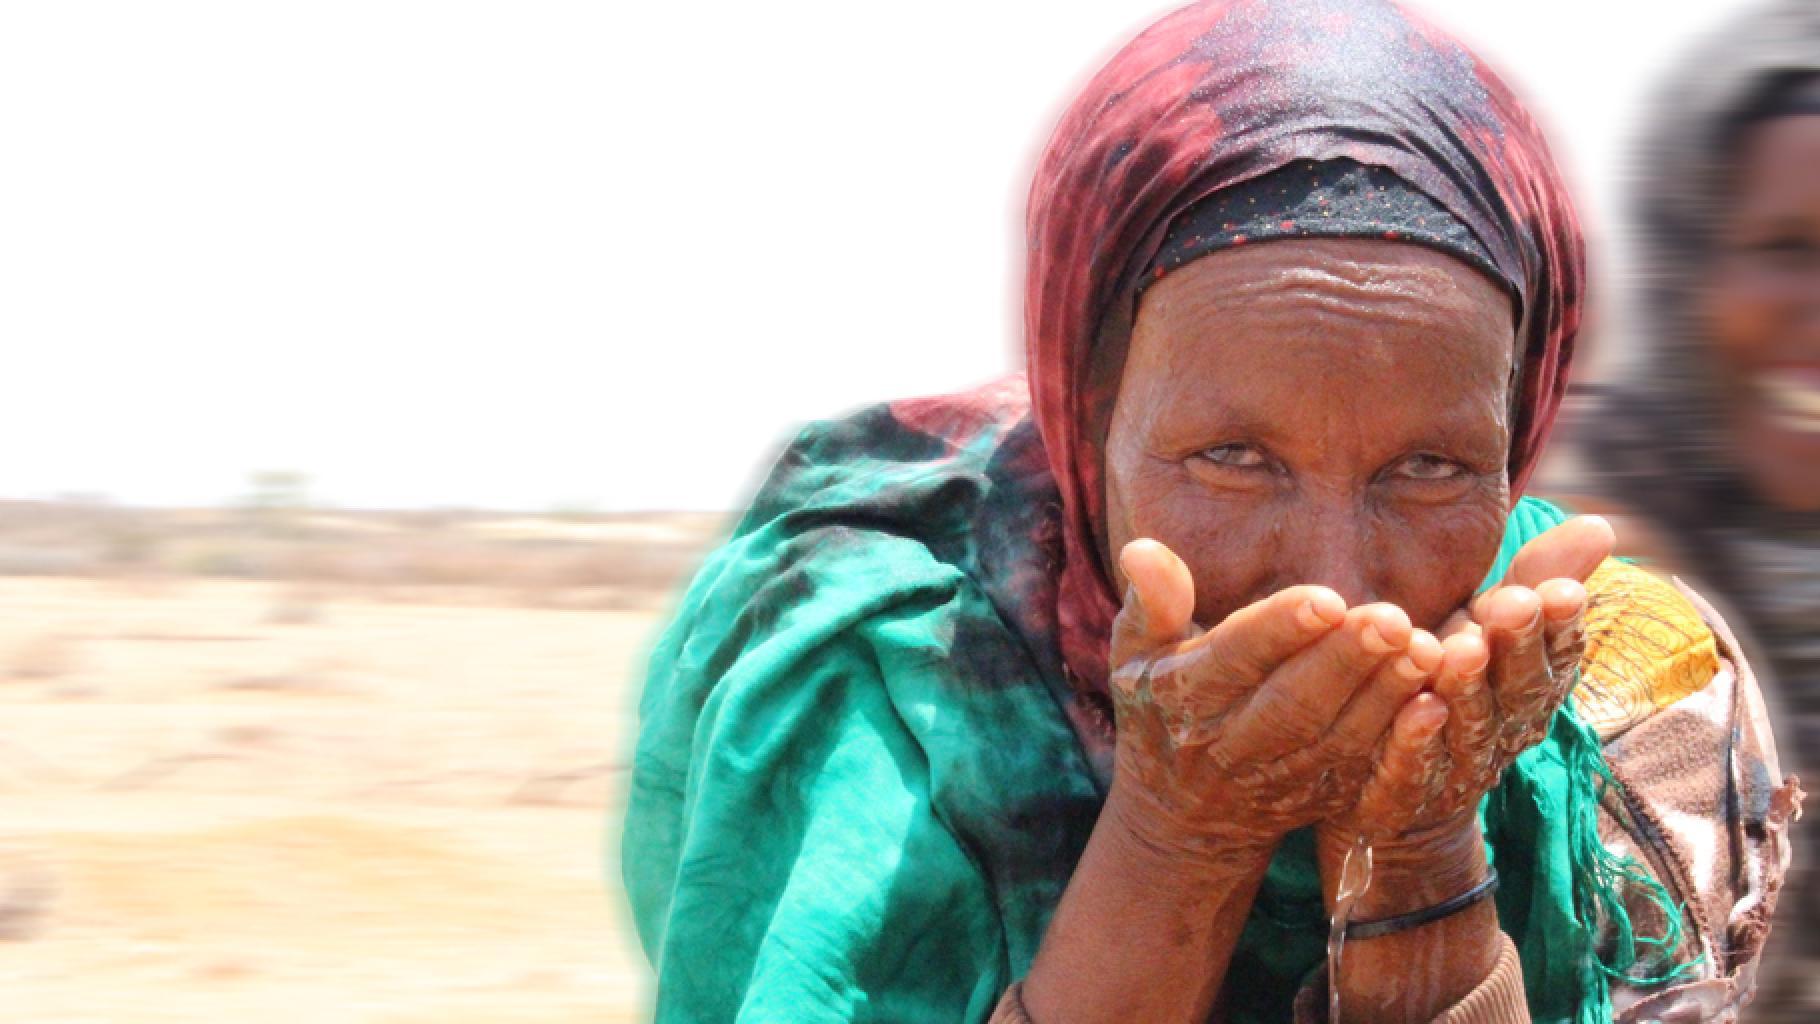 Amina Ibrahim aus Äthiopien trinkt Wasser aus ihren Händen